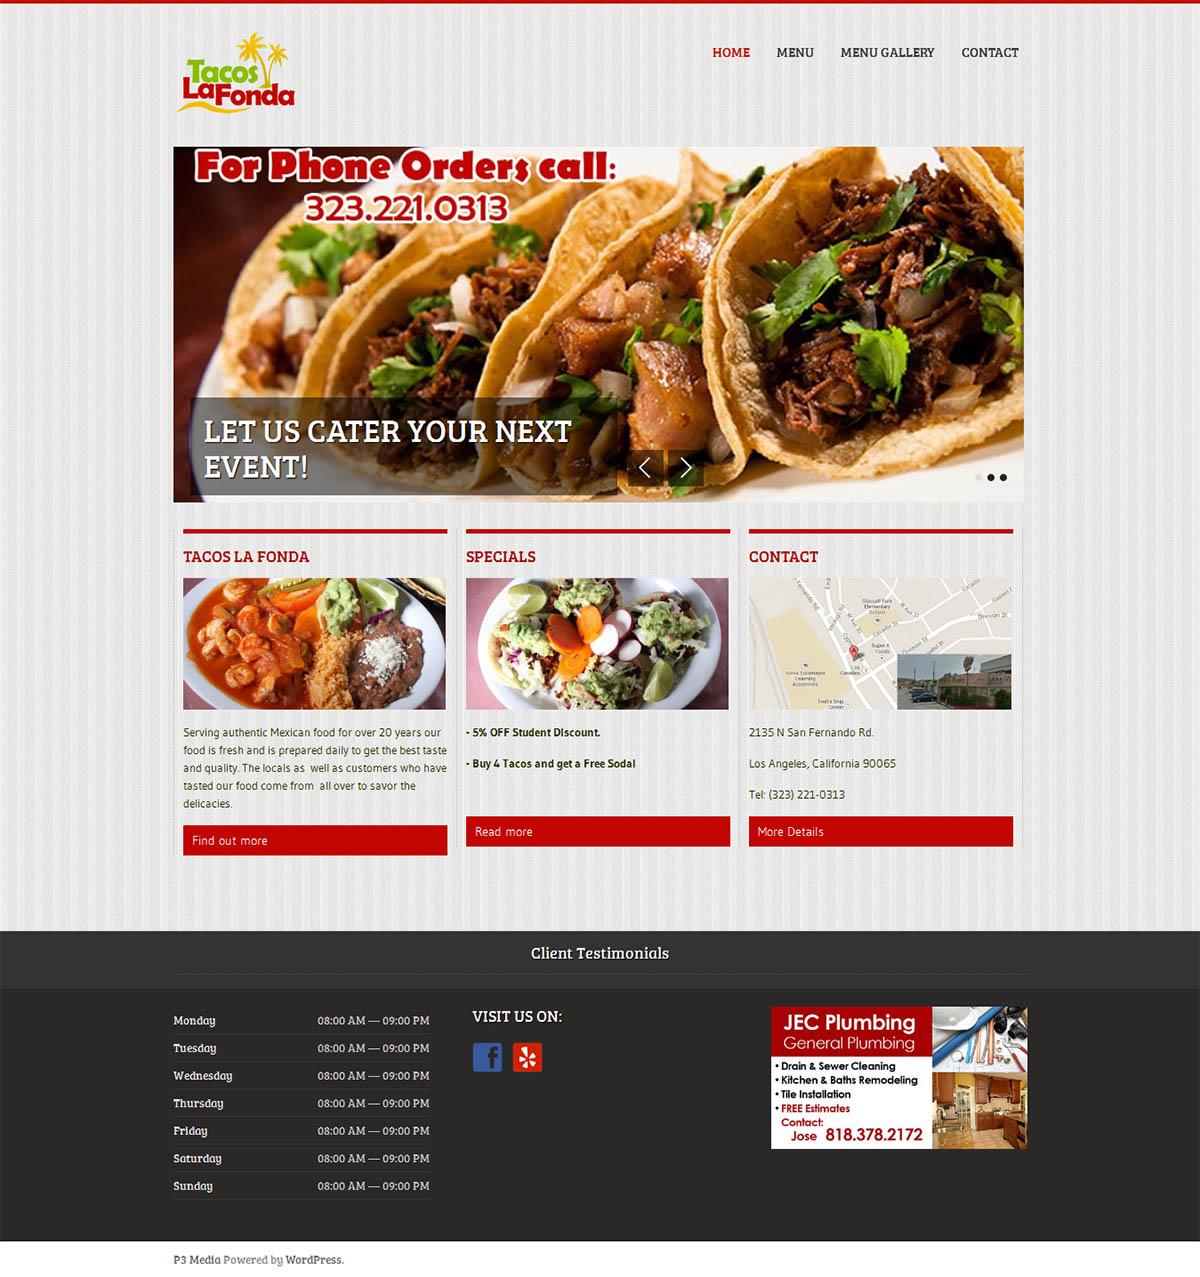 tacos la fonda website